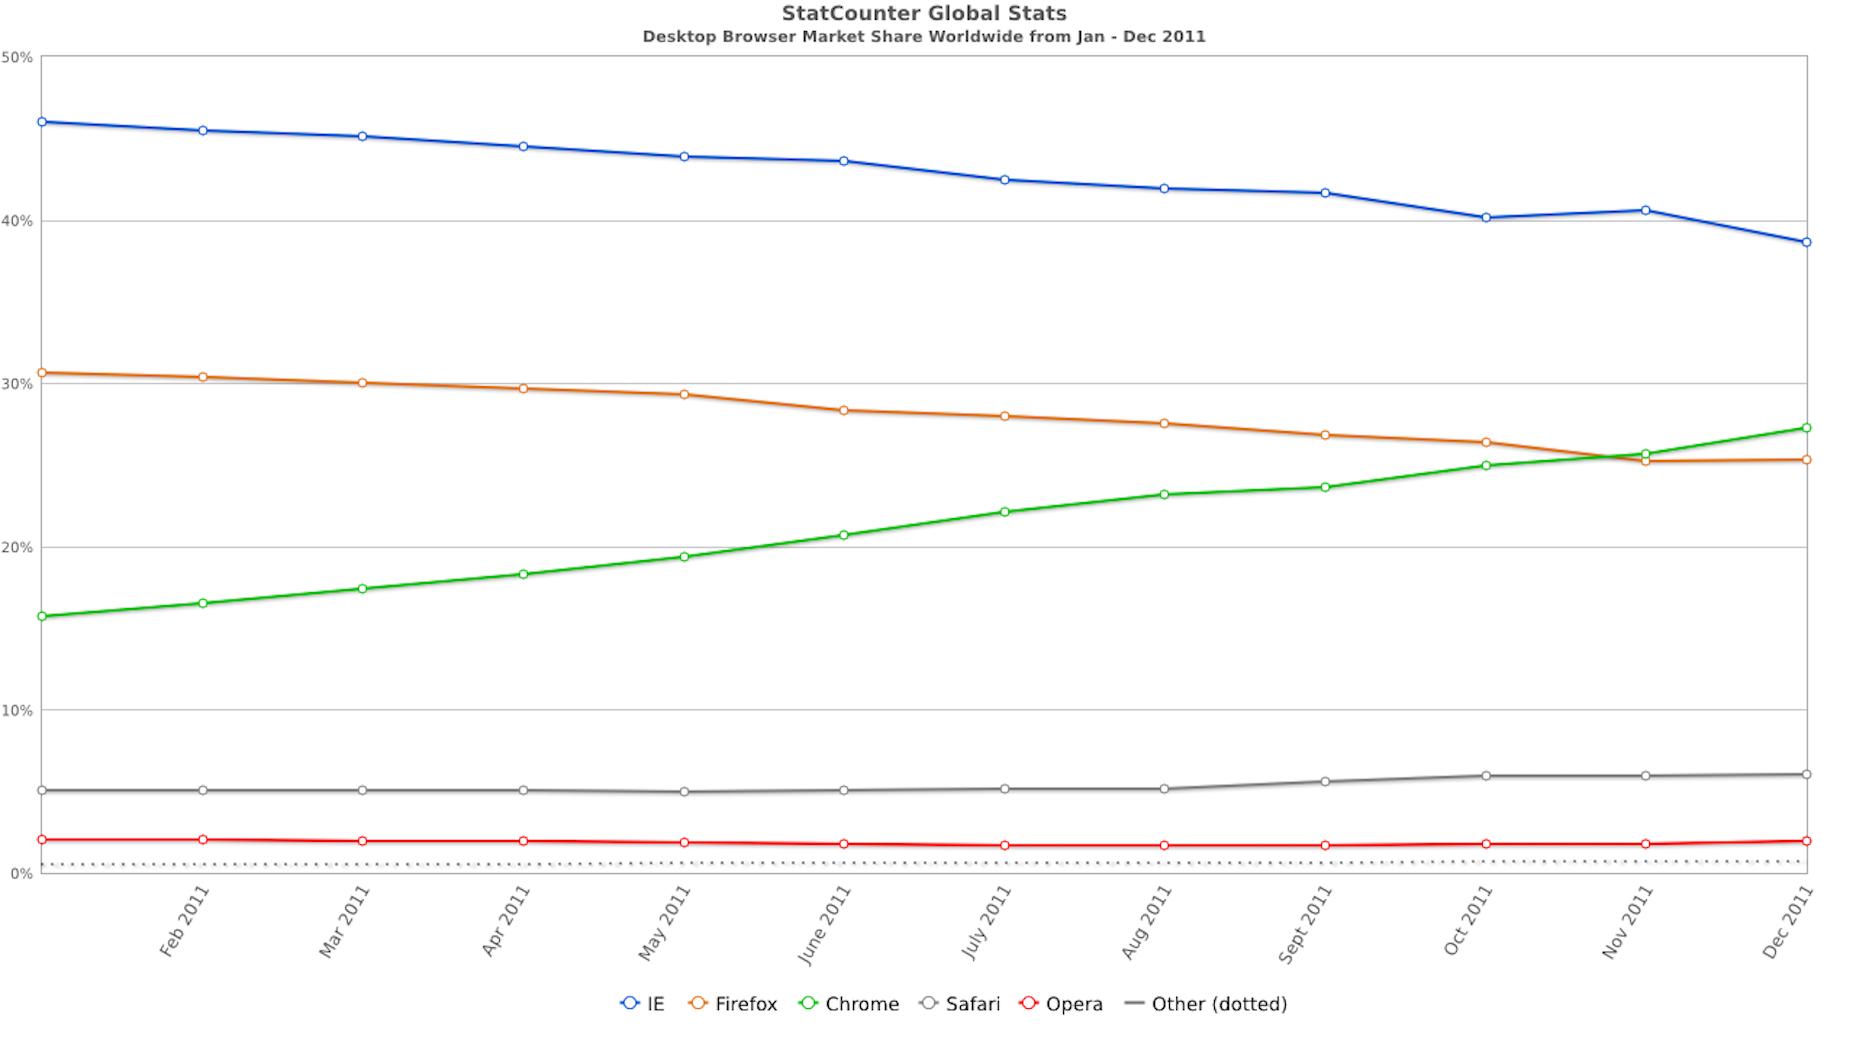 StatCounter-DesktopBrowser Market Share 2011